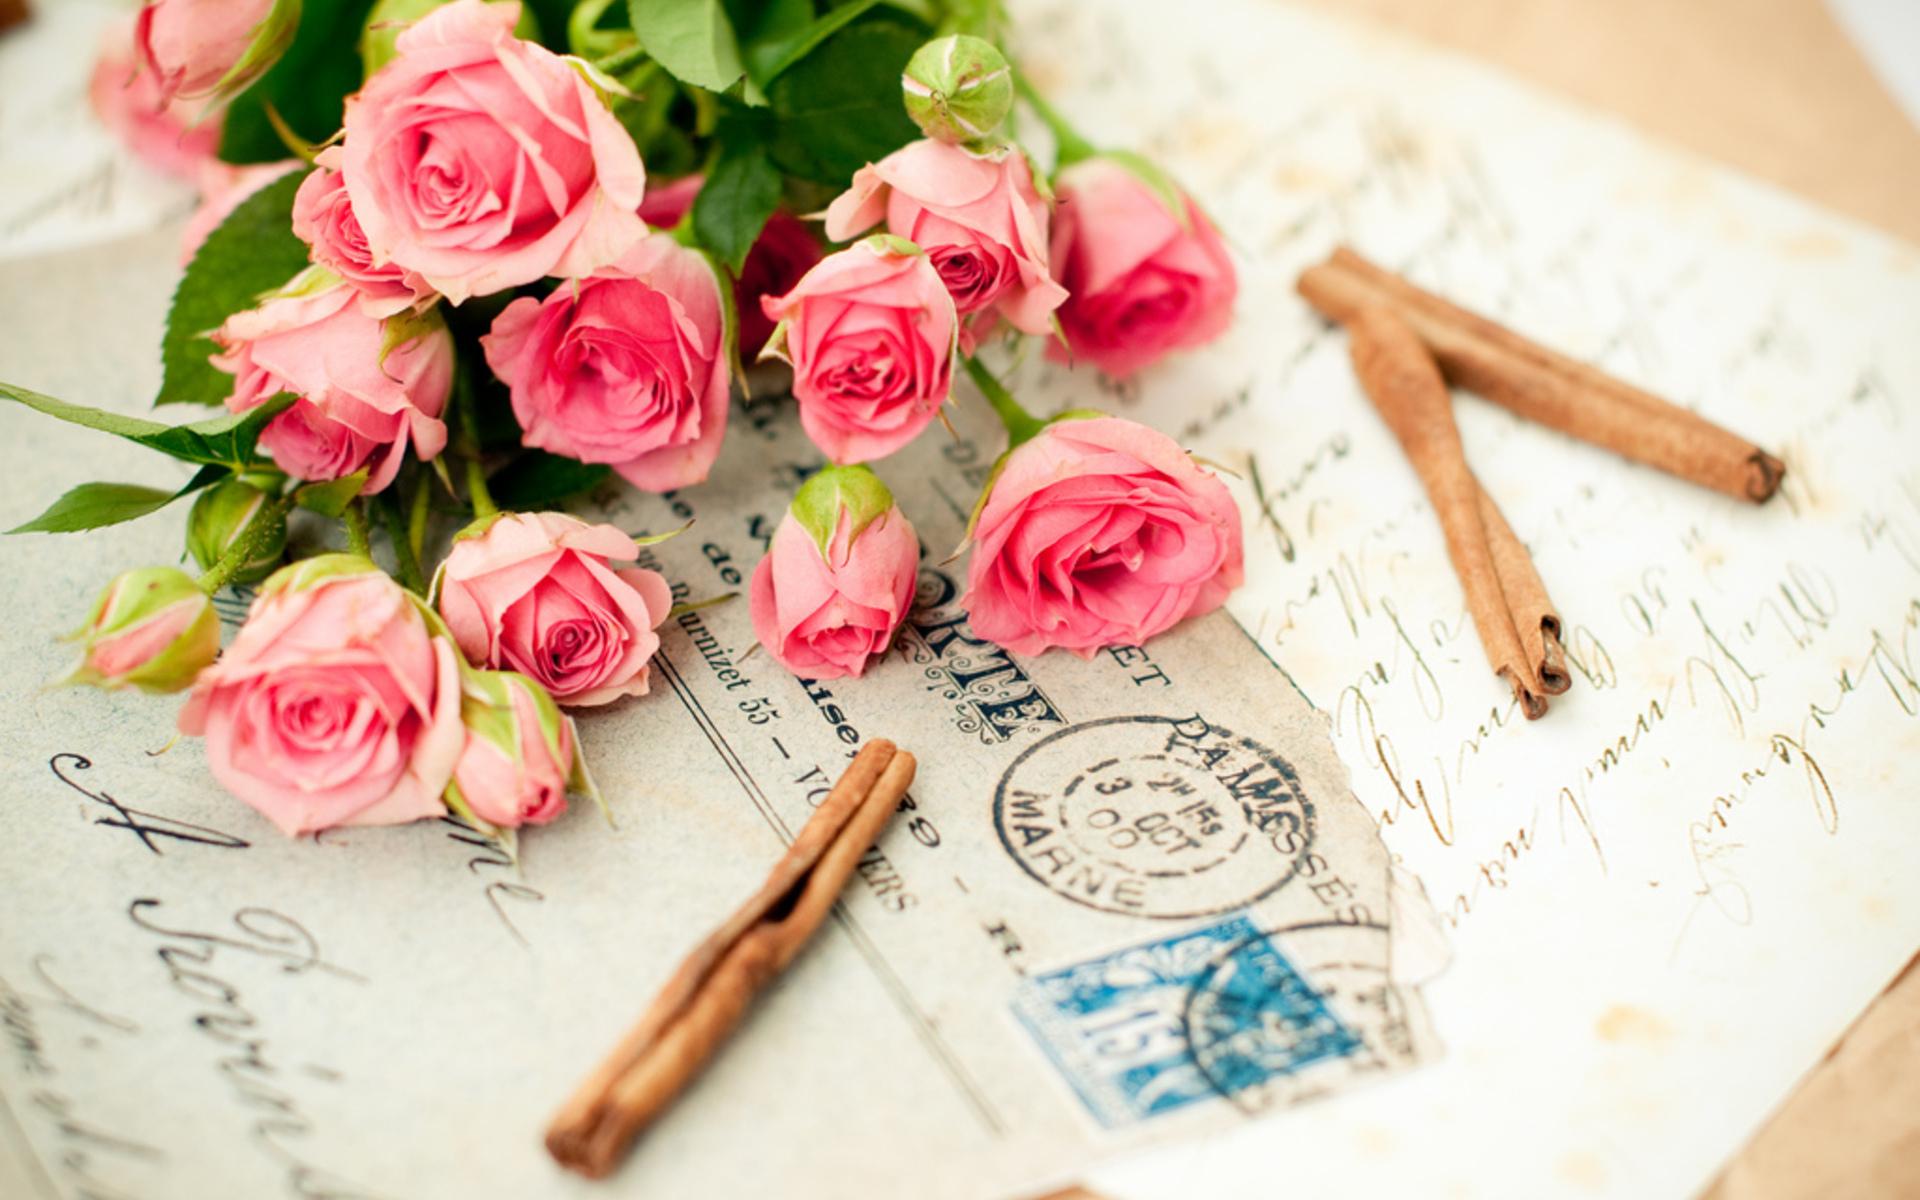 Обои рабочего стола мужчины и цветы